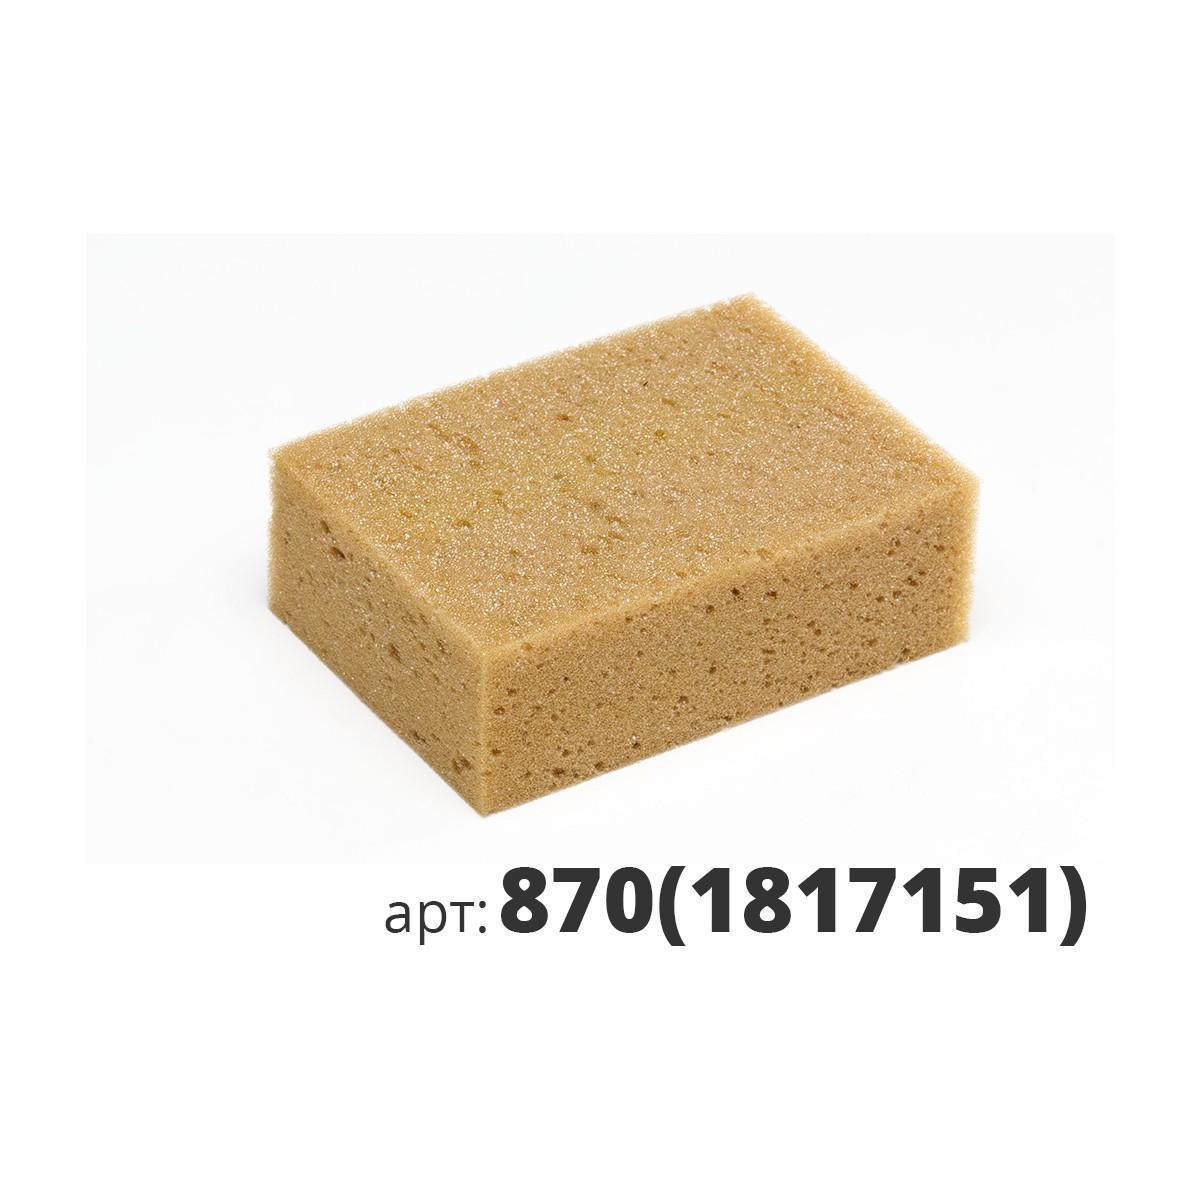 PAVAN губка декоративная прямоугольная 870(1817151)